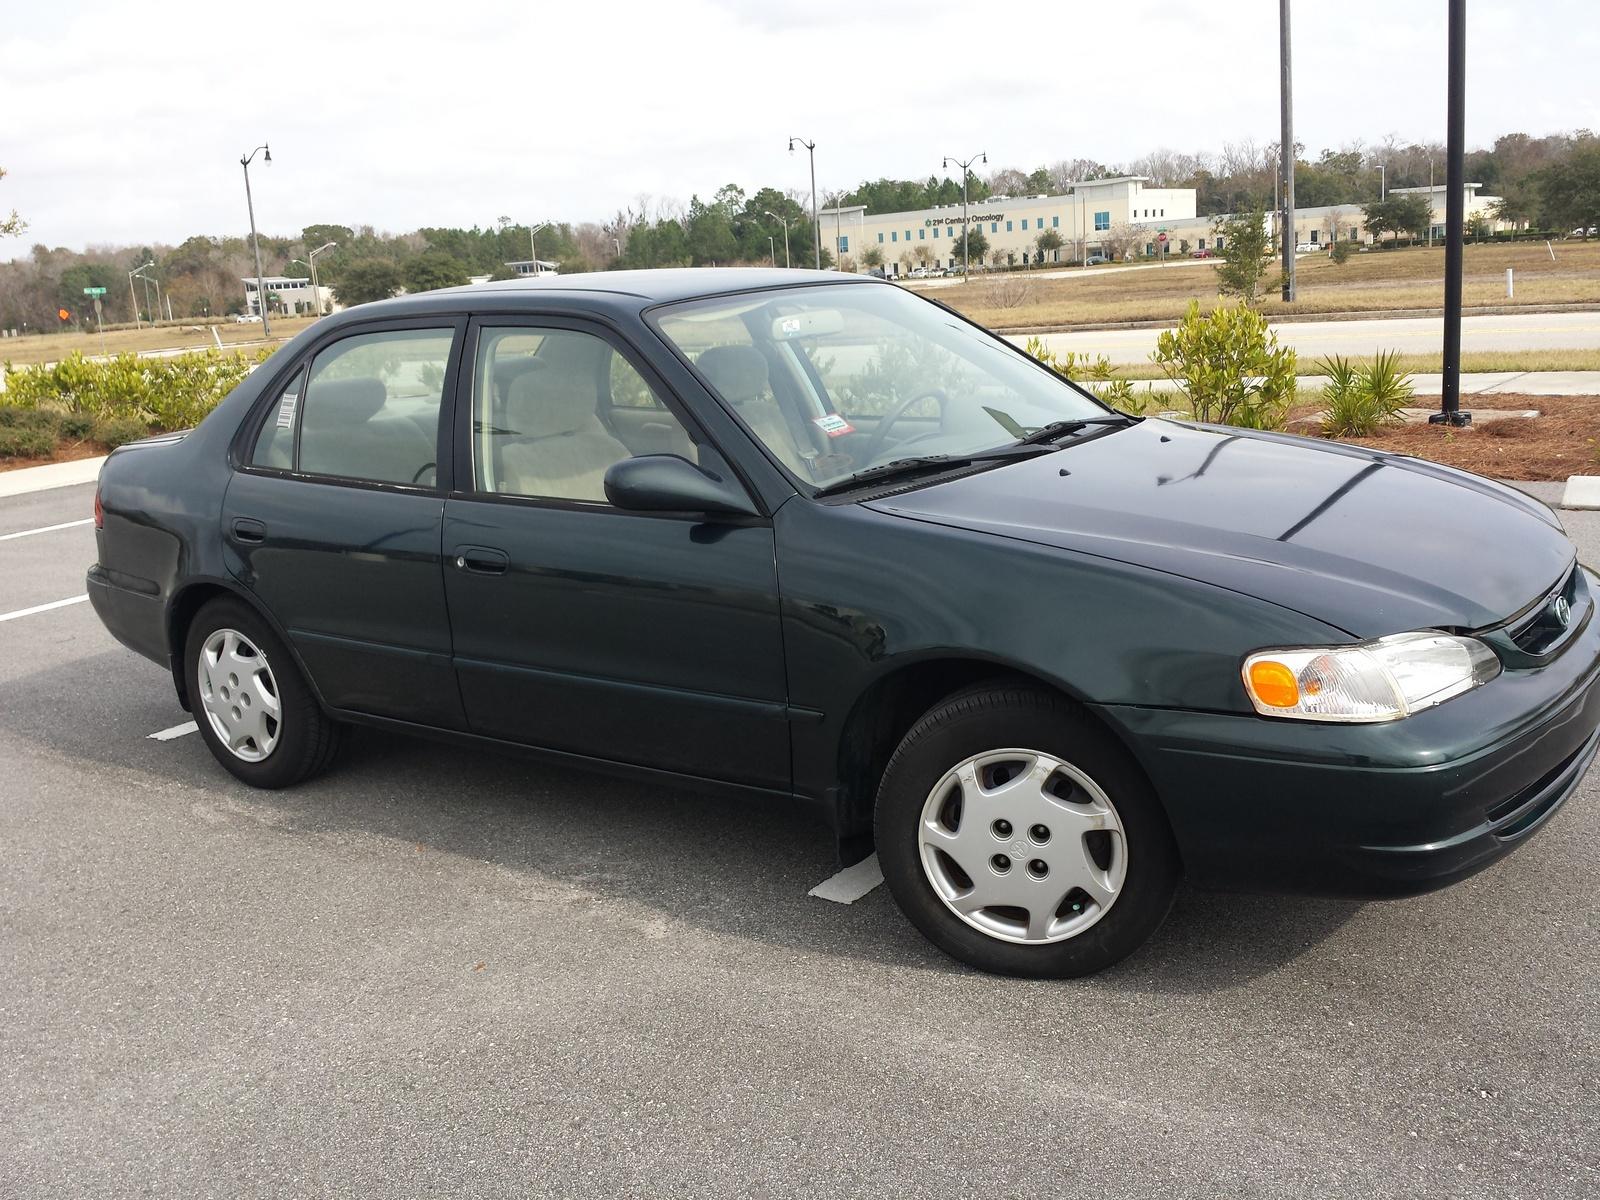 1999 Toyota Corolla Pictures Cargurus